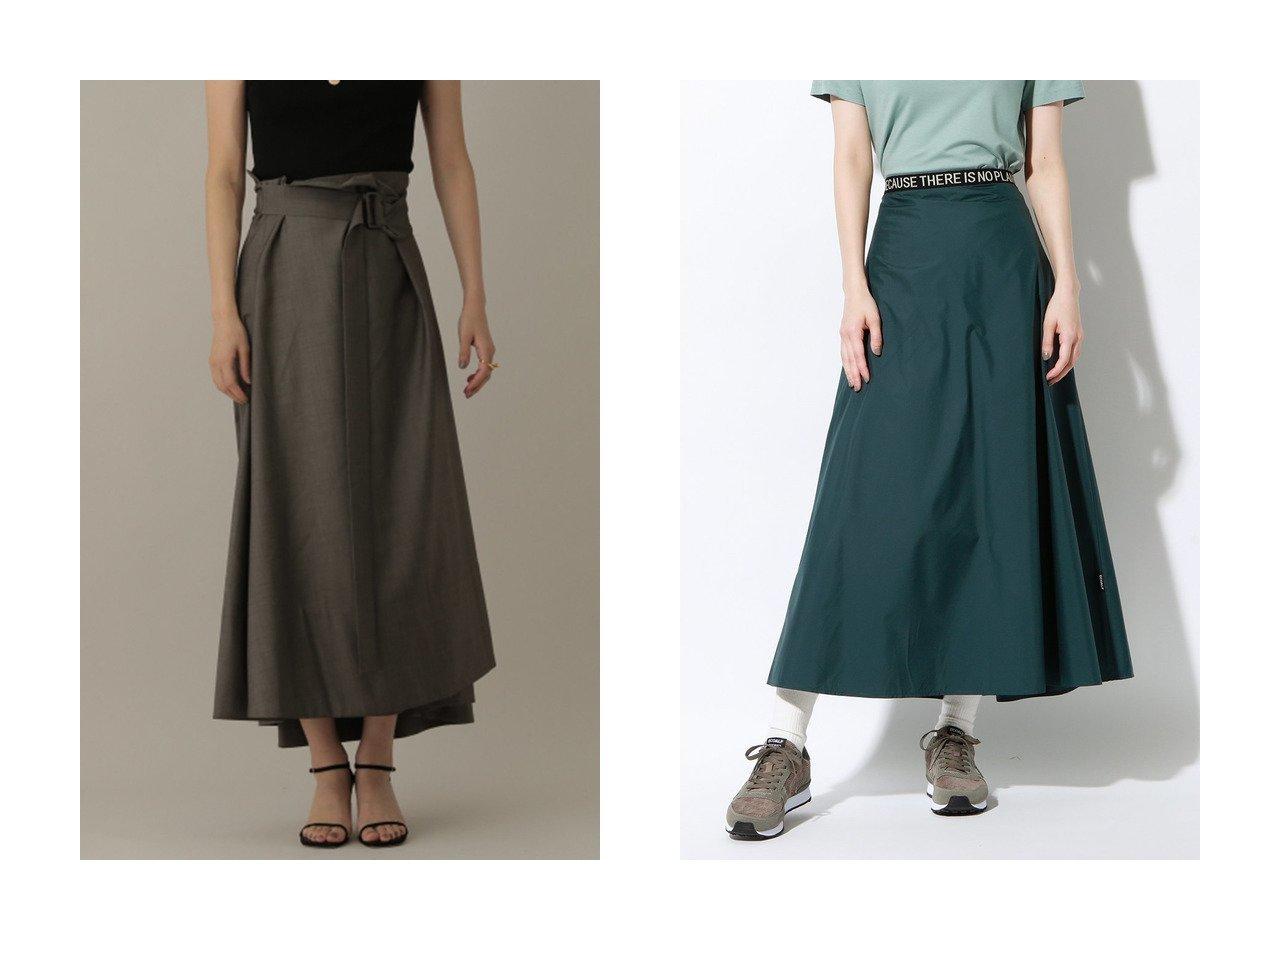 【ECOALF/エコアルフ】のWALLTER ロング スカート WALLTER LONG SKIRT WOMAN&【Chaos/カオス】のSUPERロッタラップスカート 【スカート】おすすめ!人気、トレンド・レディースファッションの通販 おすすめで人気の流行・トレンド、ファッションの通販商品 インテリア・家具・メンズファッション・キッズファッション・レディースファッション・服の通販 founy(ファニー) https://founy.com/ ファッション Fashion レディースファッション WOMEN スカート Skirt ロングスカート Long Skirt スニーカー ロング |ID:crp329100000056324